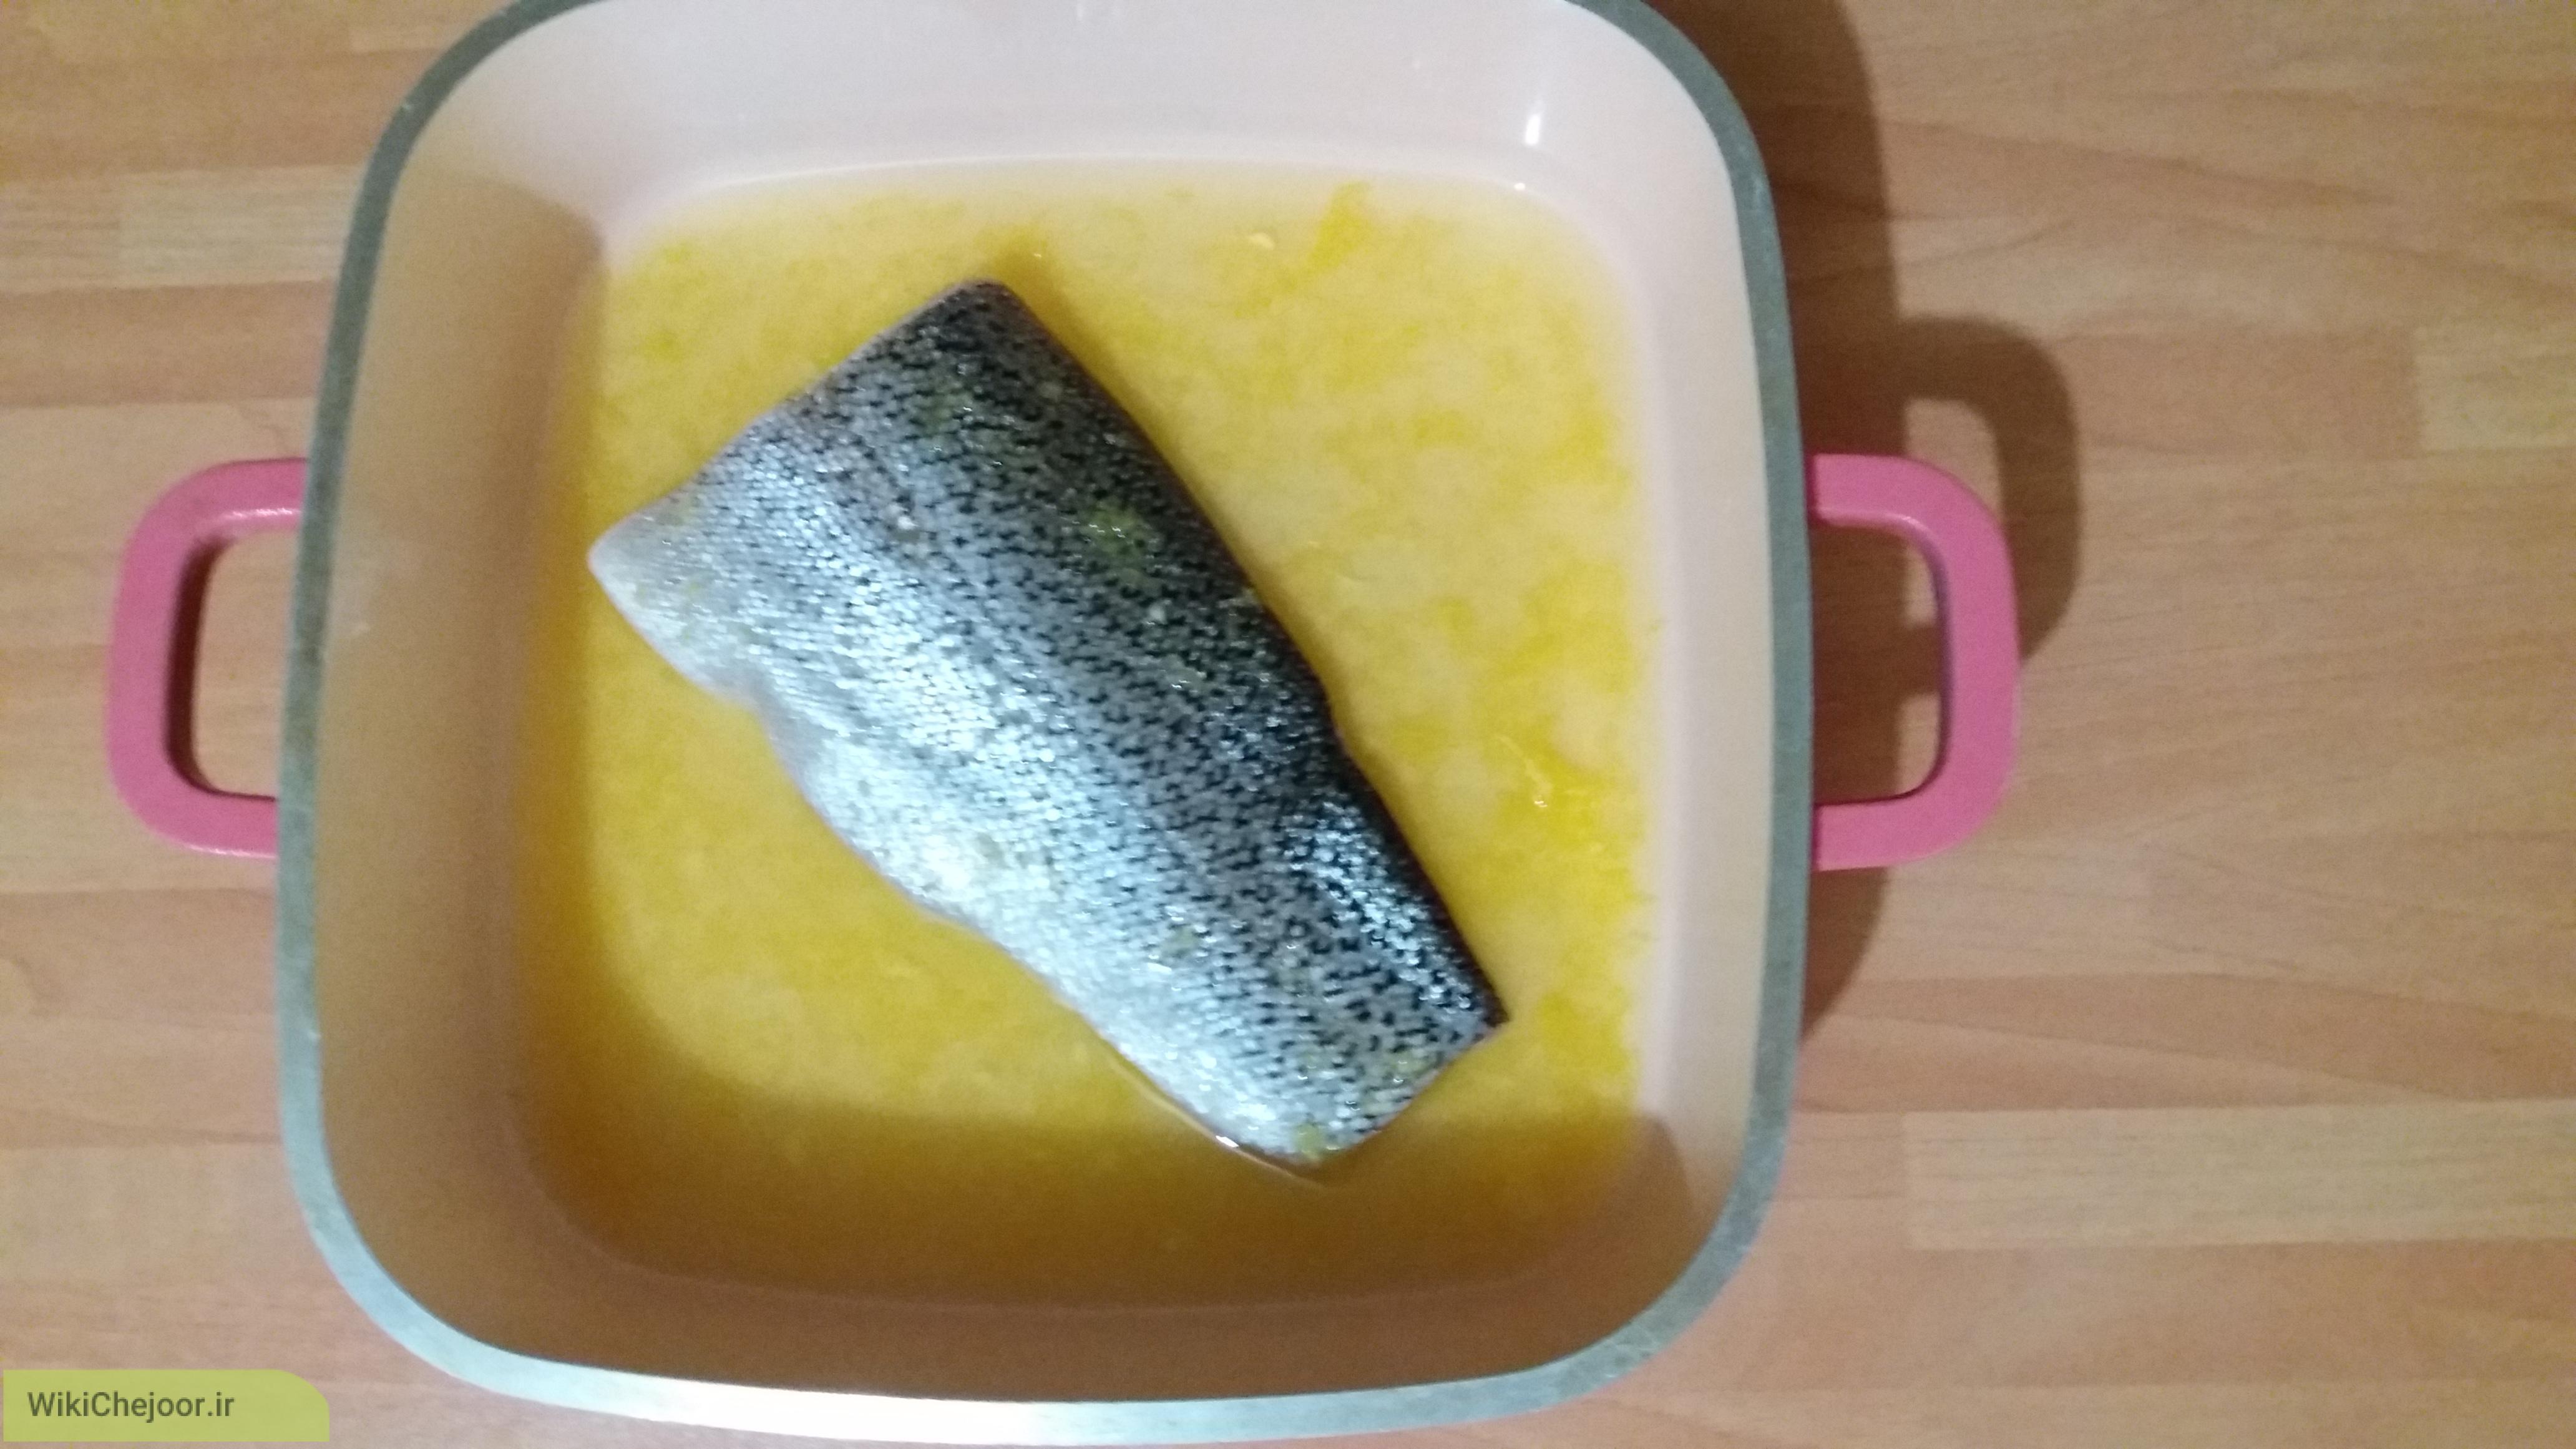 ماهی خوشمزه